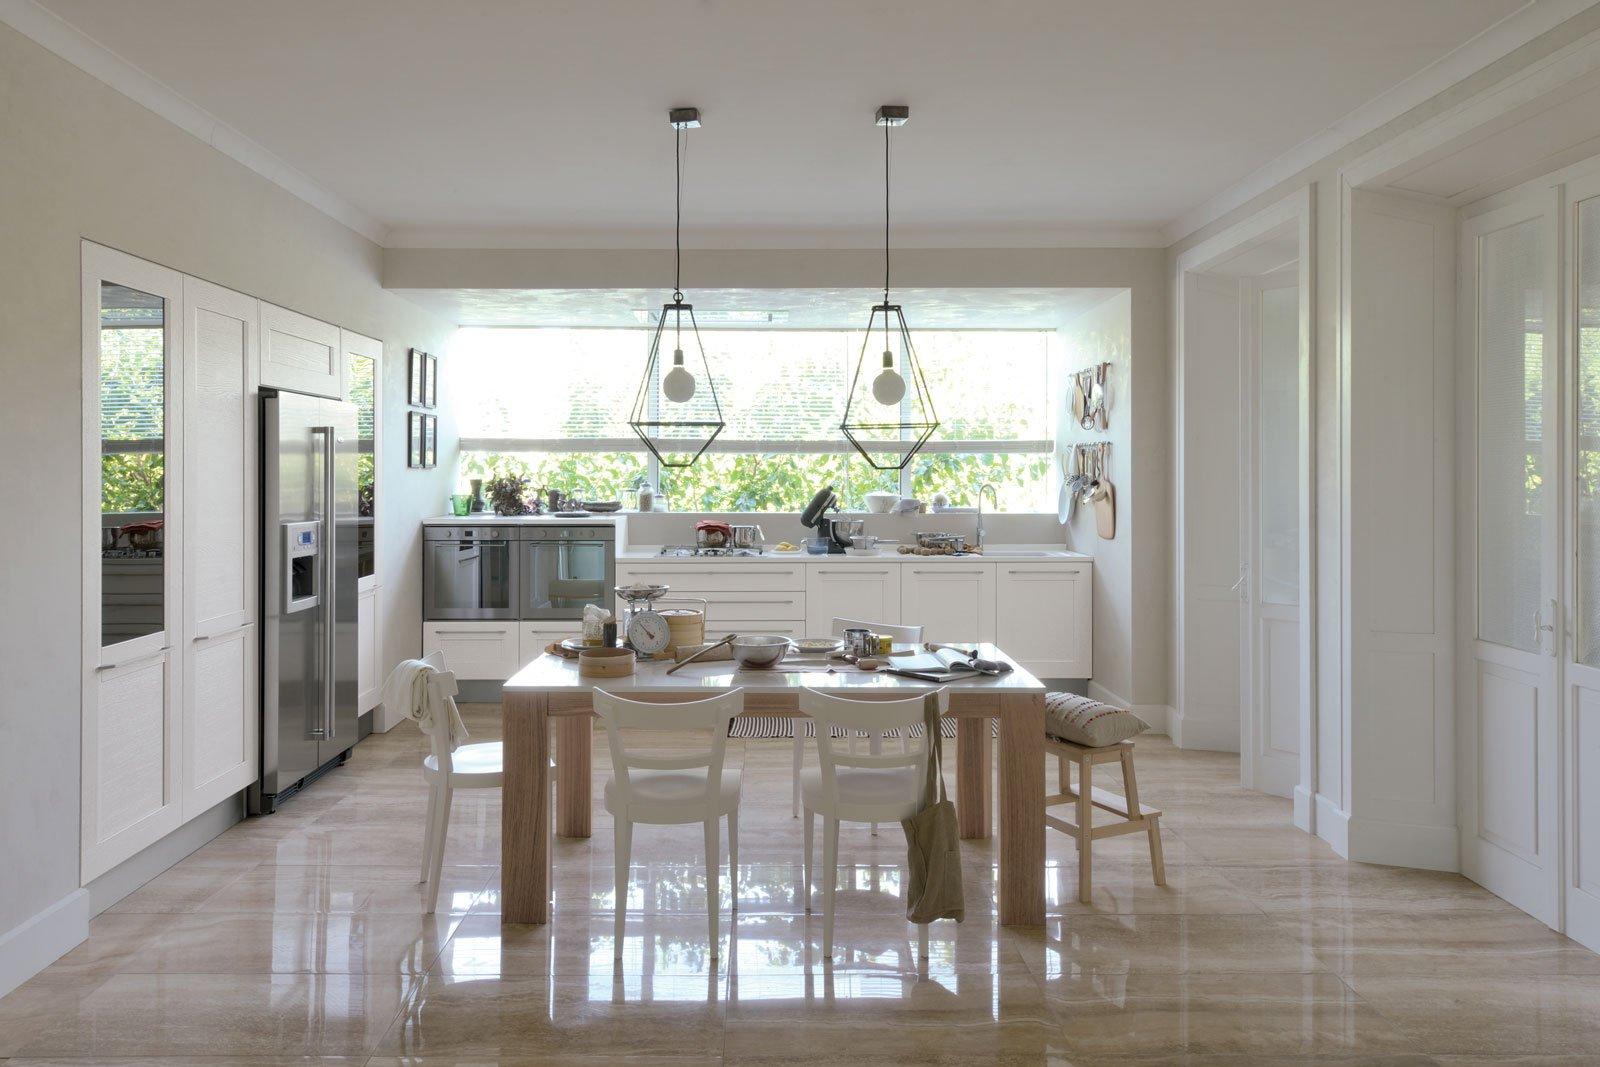 Cucine Con Zona Pranzo: La Contemporaneità Di Una Tradizione Cose  #604D39 1600 1067 Veneta Cucine E Forma 2000